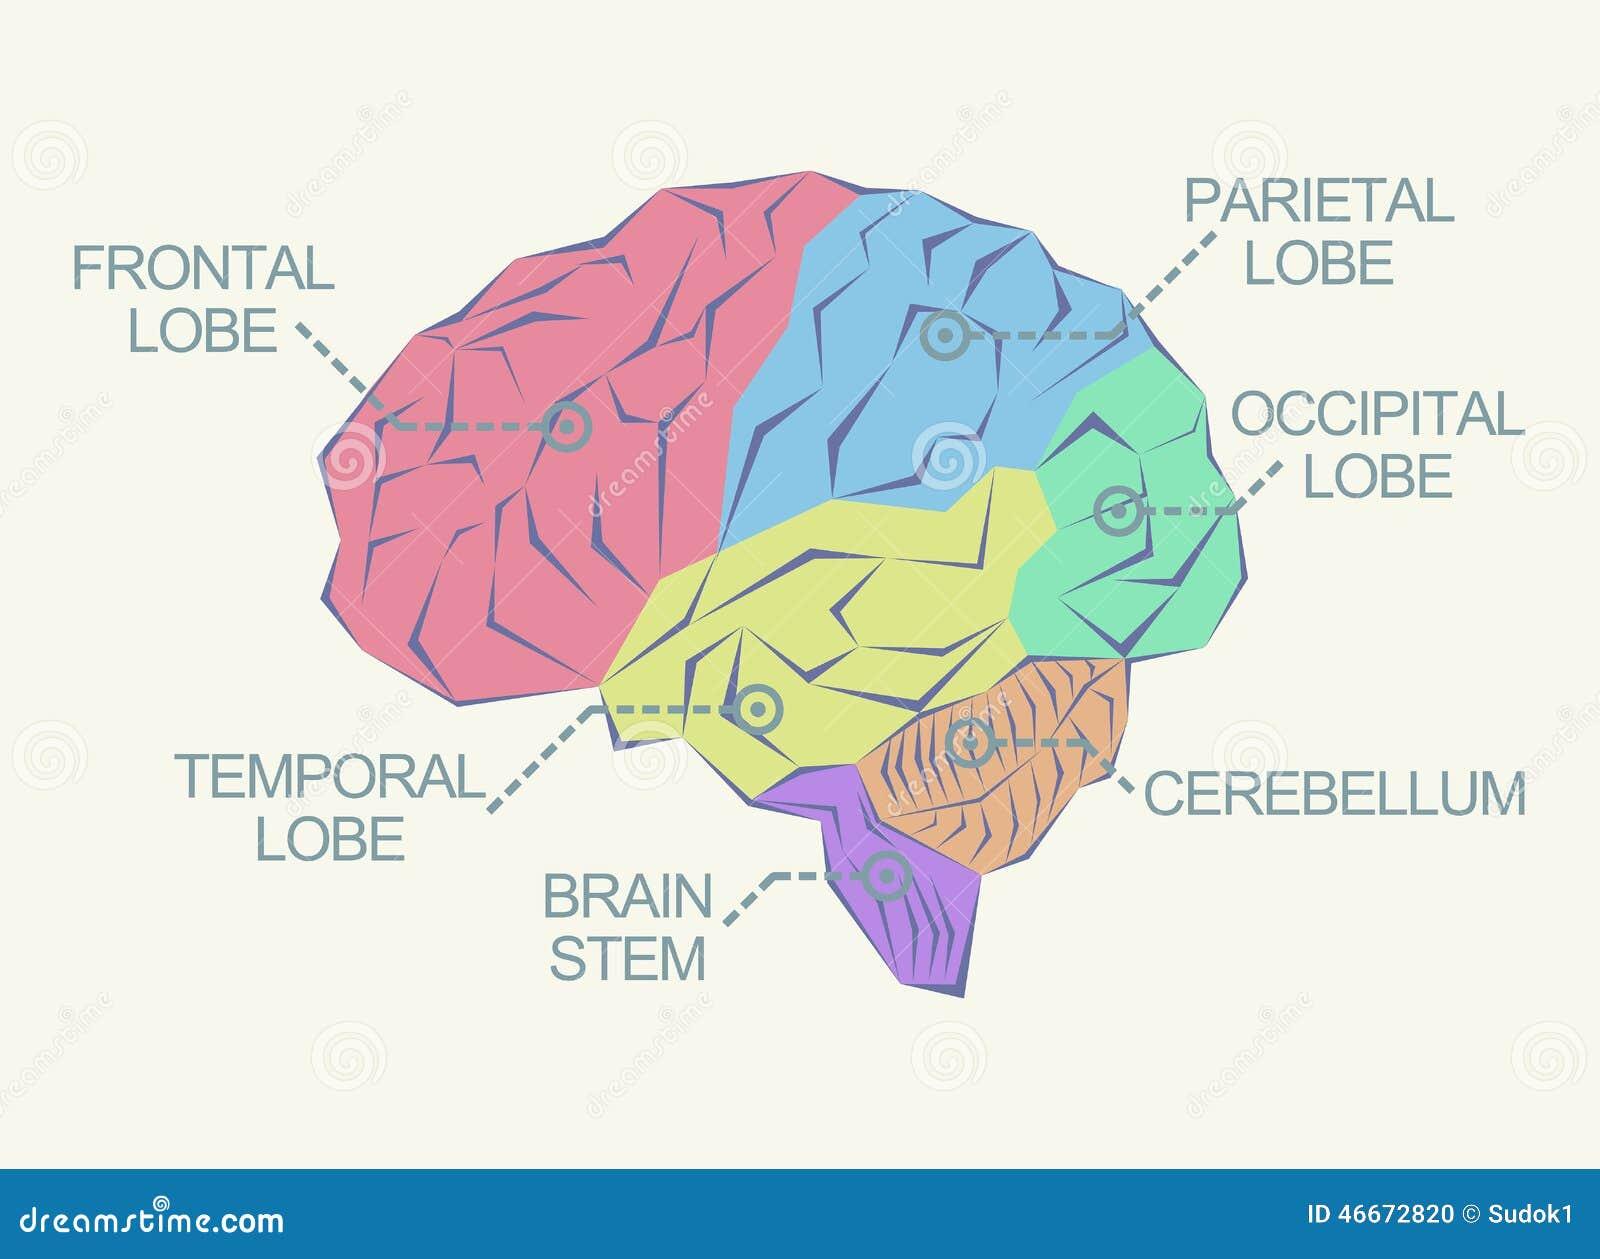 Anatomie van de hersenen stock illustratie afbeelding bestaande uit medisch 46672820 - Van de ignum sanijura ...